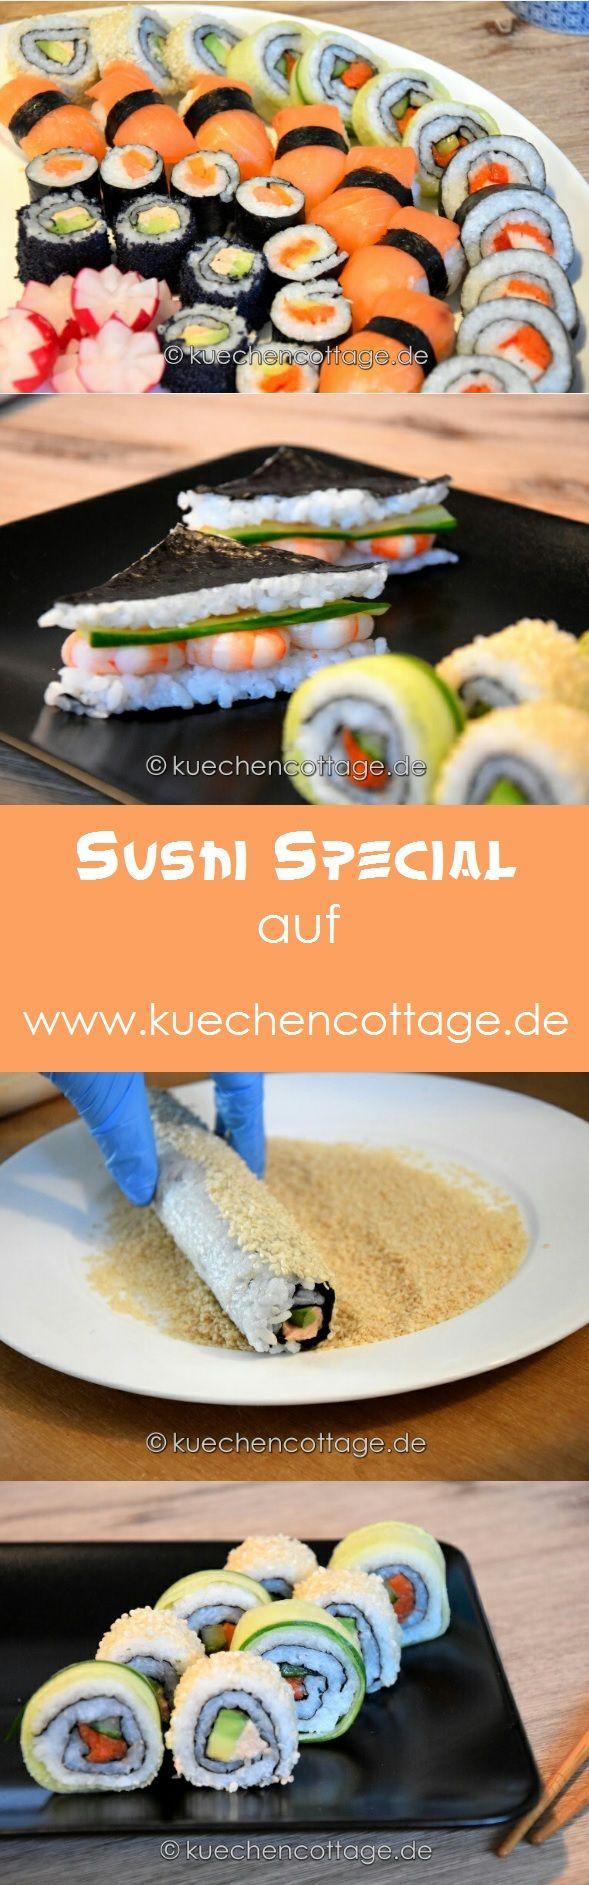 Großes Sushi Special | viele verschiedene Sushi Rezepte California Rolls, Sushi Sandwhich und Maki